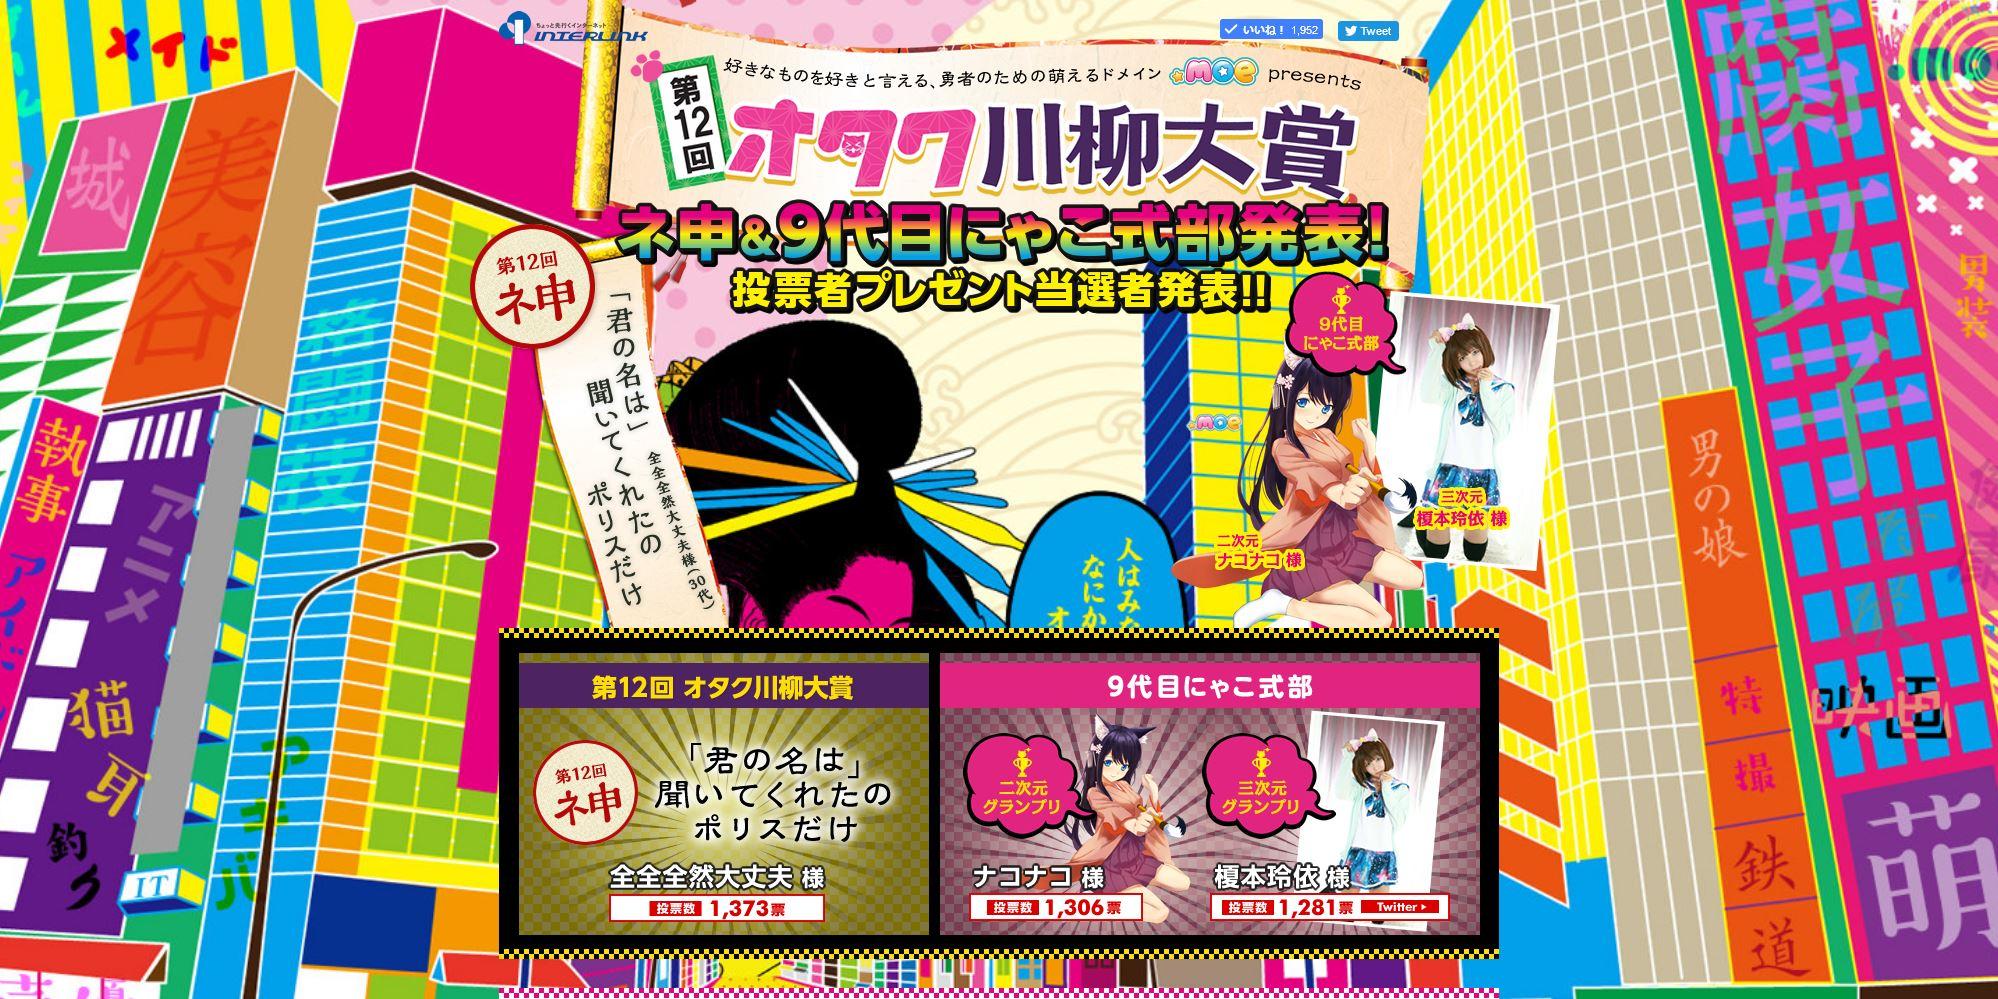 「第12回オタク川柳大賞」今年の「ネ申de賞(大賞)」結果発表!